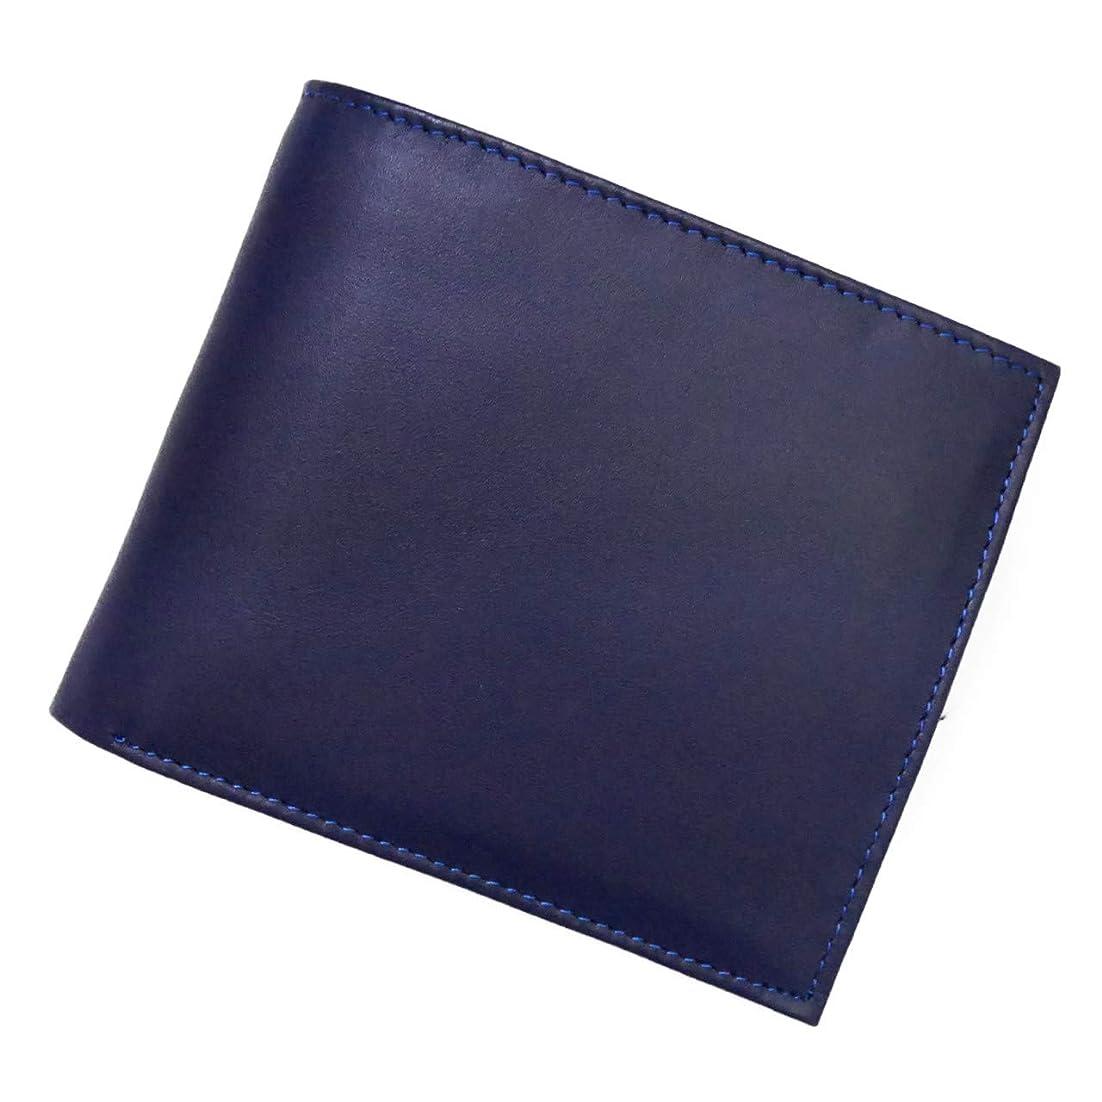 巻き取り飾り羽うんざり財布 メンズ 二つ折り 本革 牛革 5色